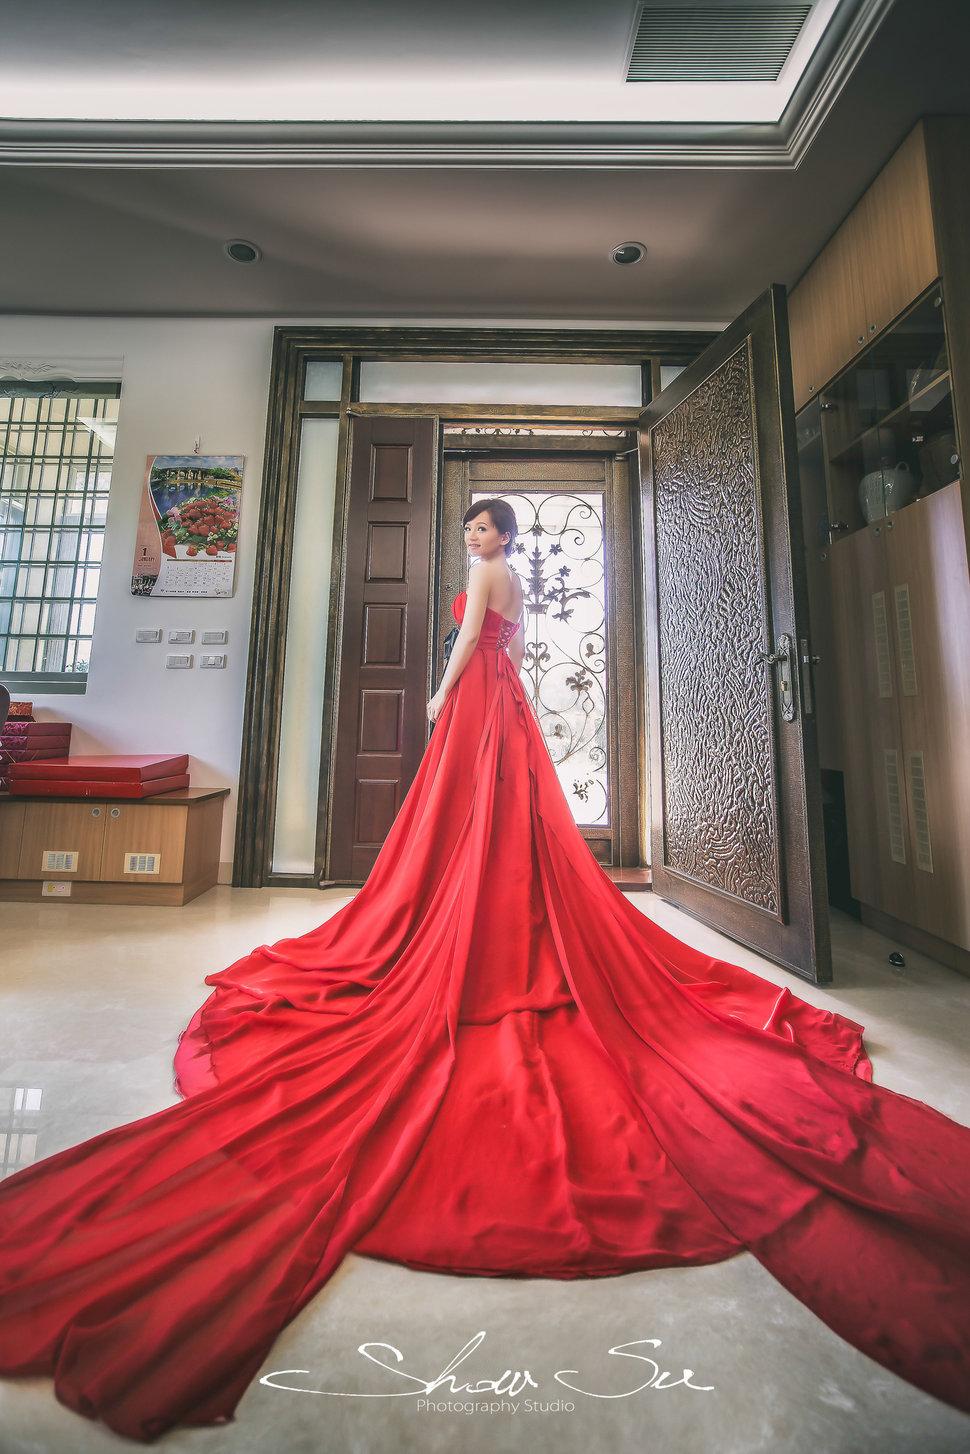 [婚攝] 志榮&語涵│桃園@儷宴國際宴會館│文定午宴(編號:513820) - Show Su Photography - 結婚吧